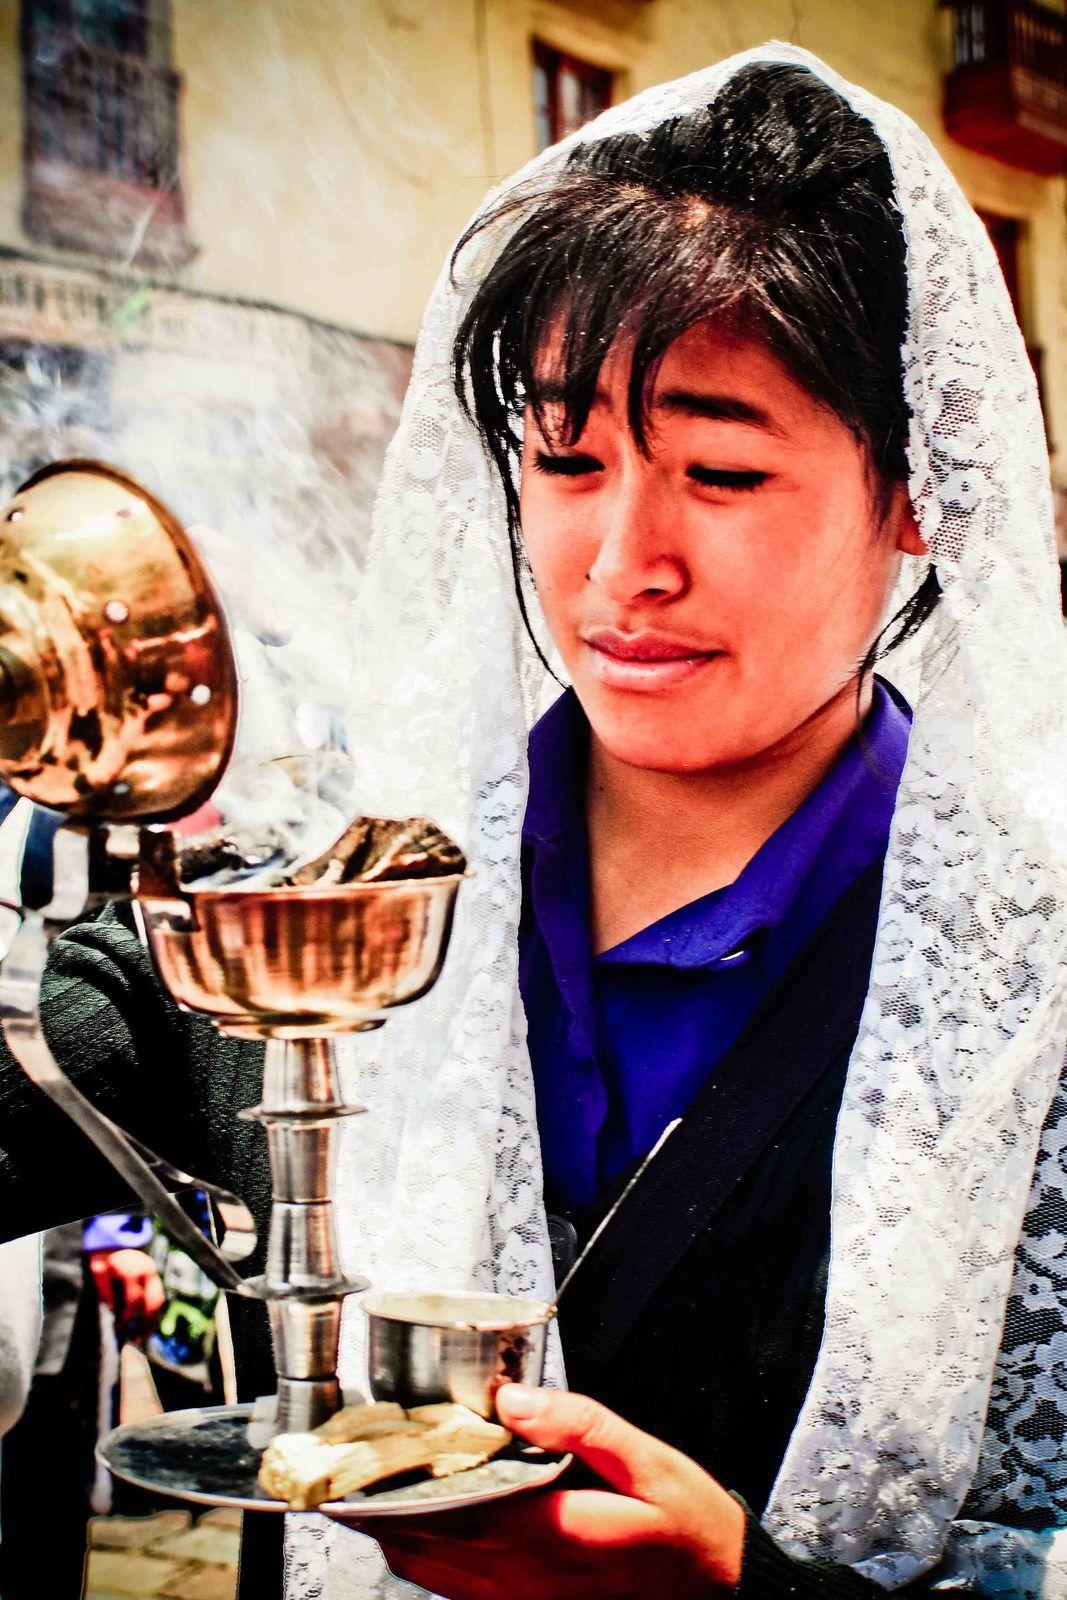 Processsion et défilé dans les rues de Cusco